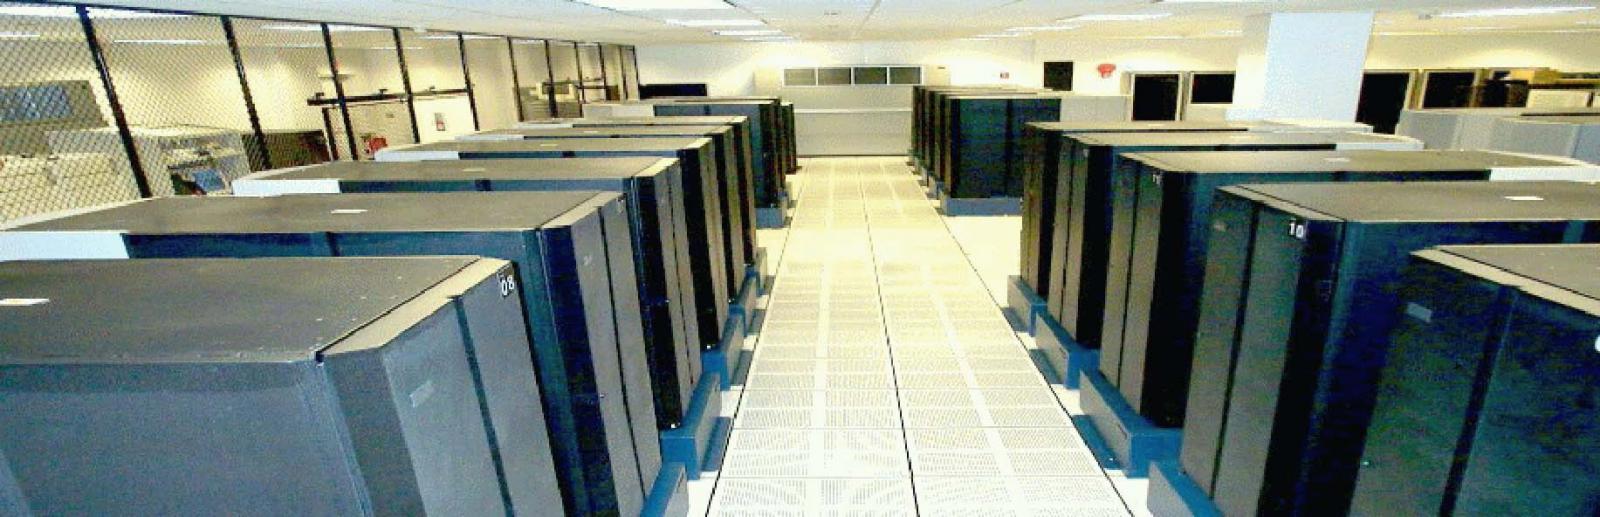 prediksi cuaca dengan superkomputer